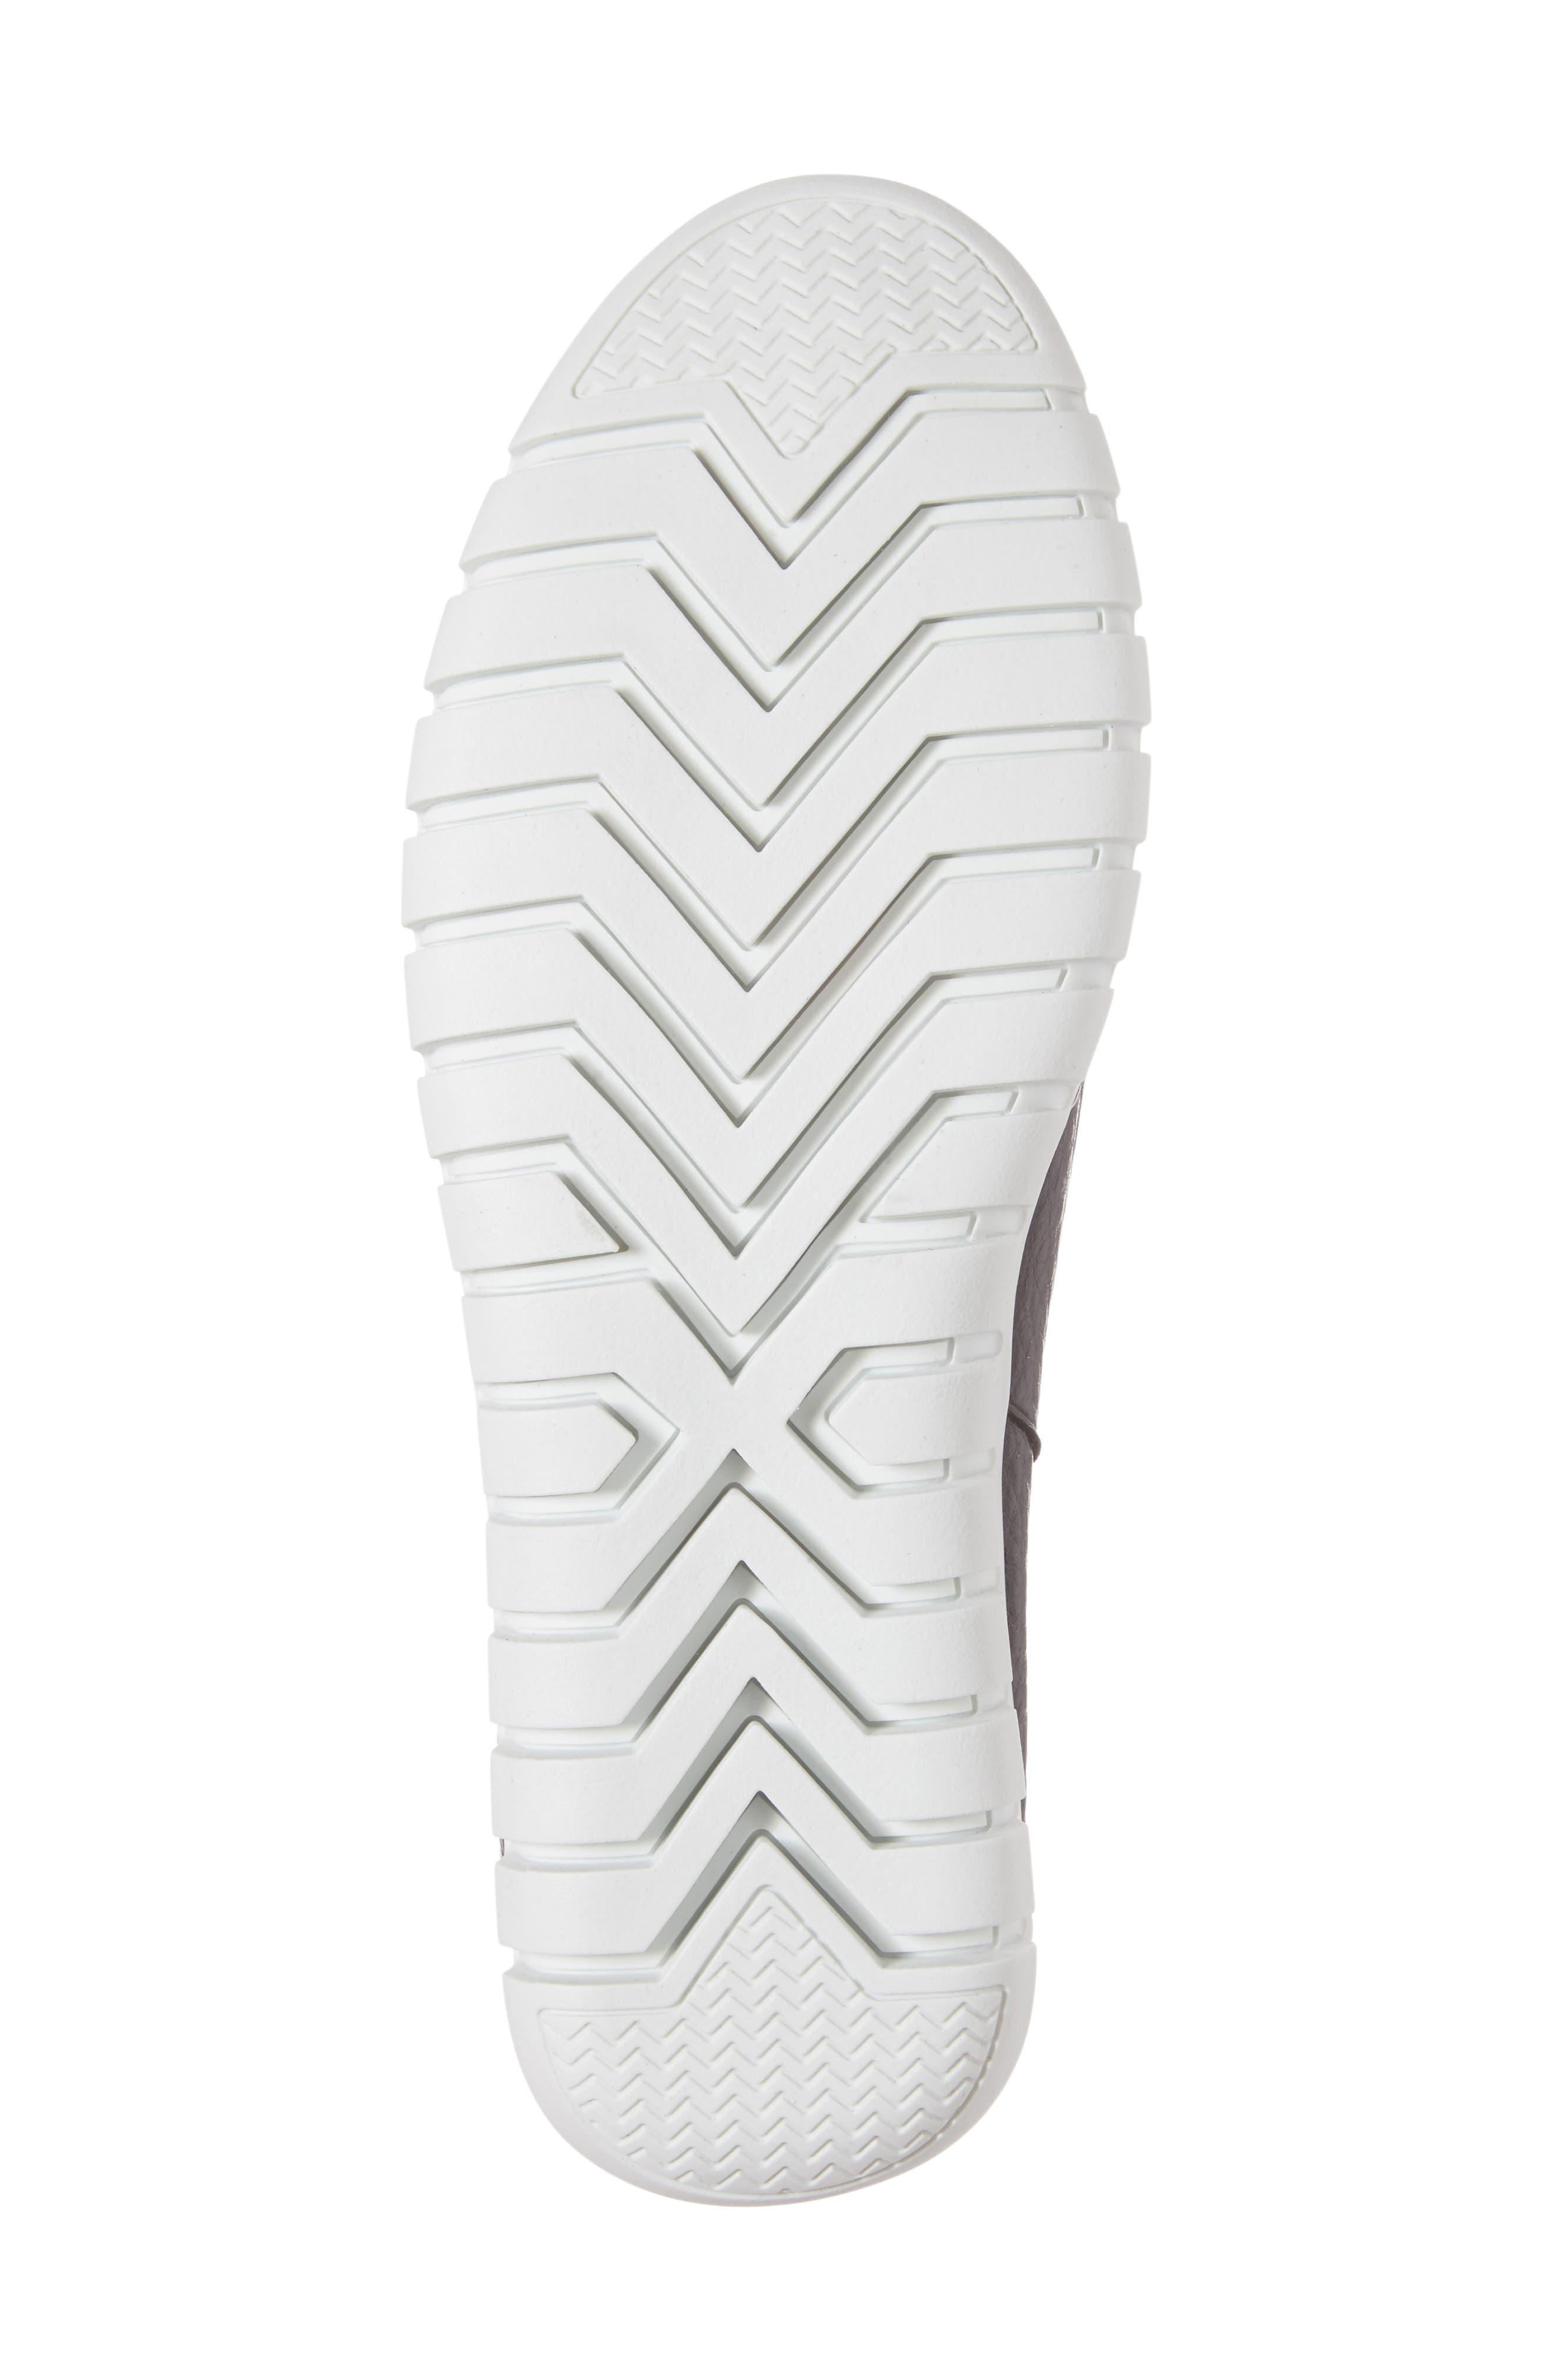 Kim Slip-On Sneaker,                             Alternate thumbnail 6, color,                             Black Leather